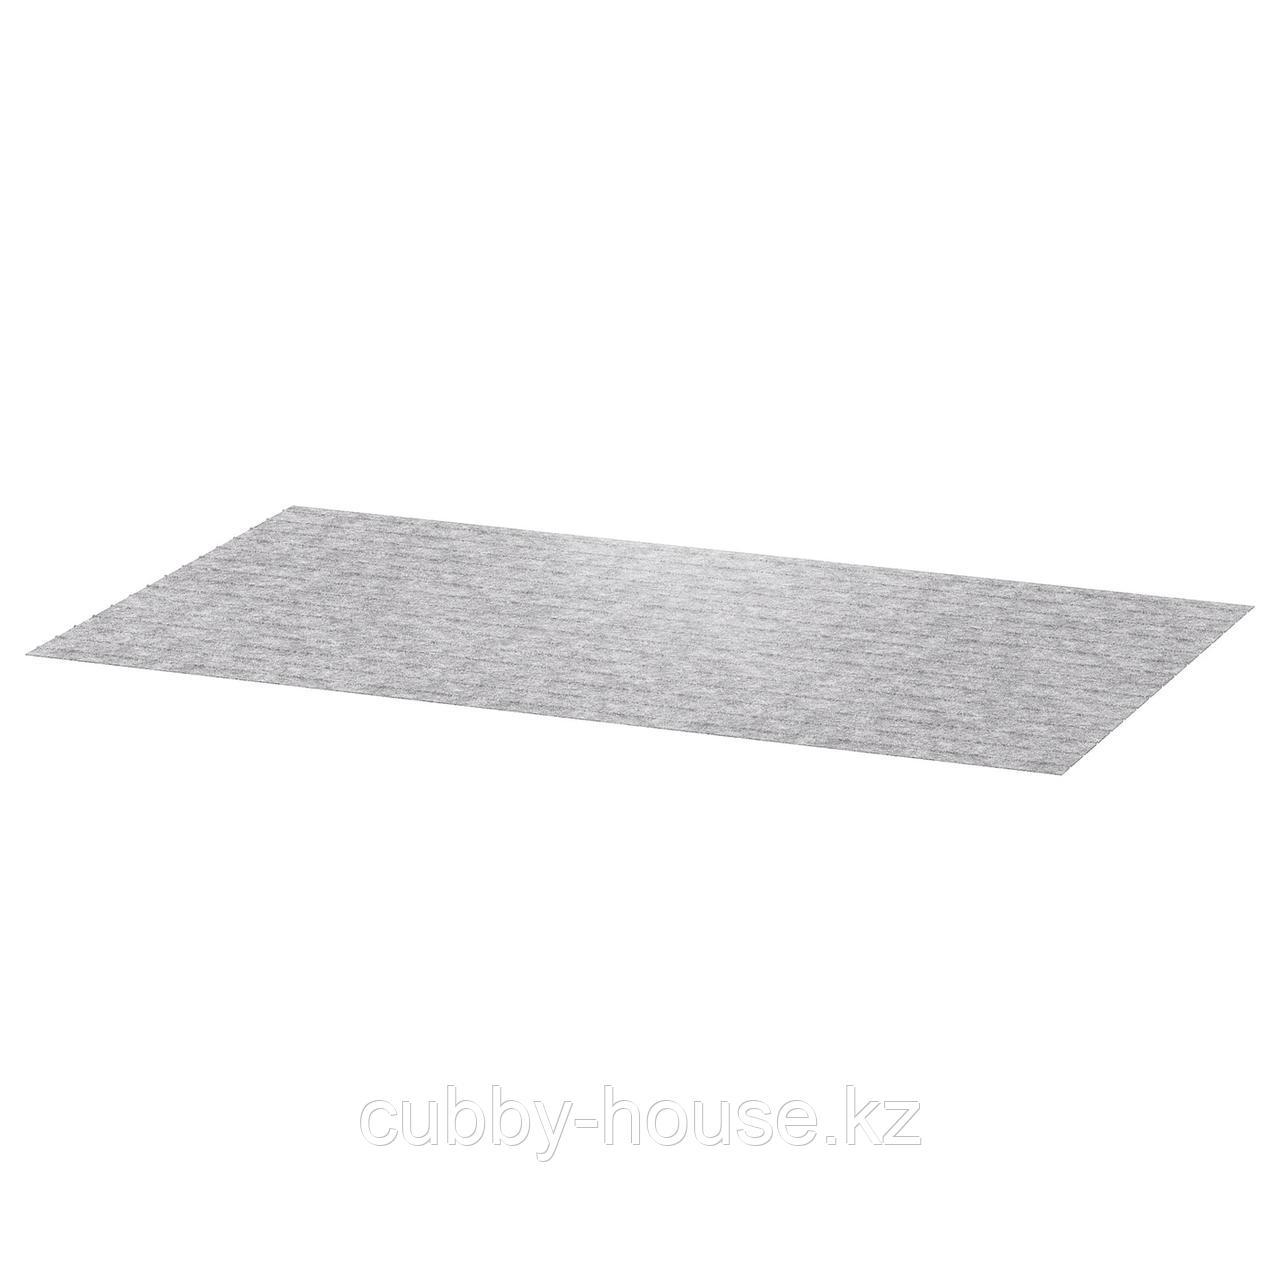 ПАССАРП Коврик в ящик, серый, 50x96 см